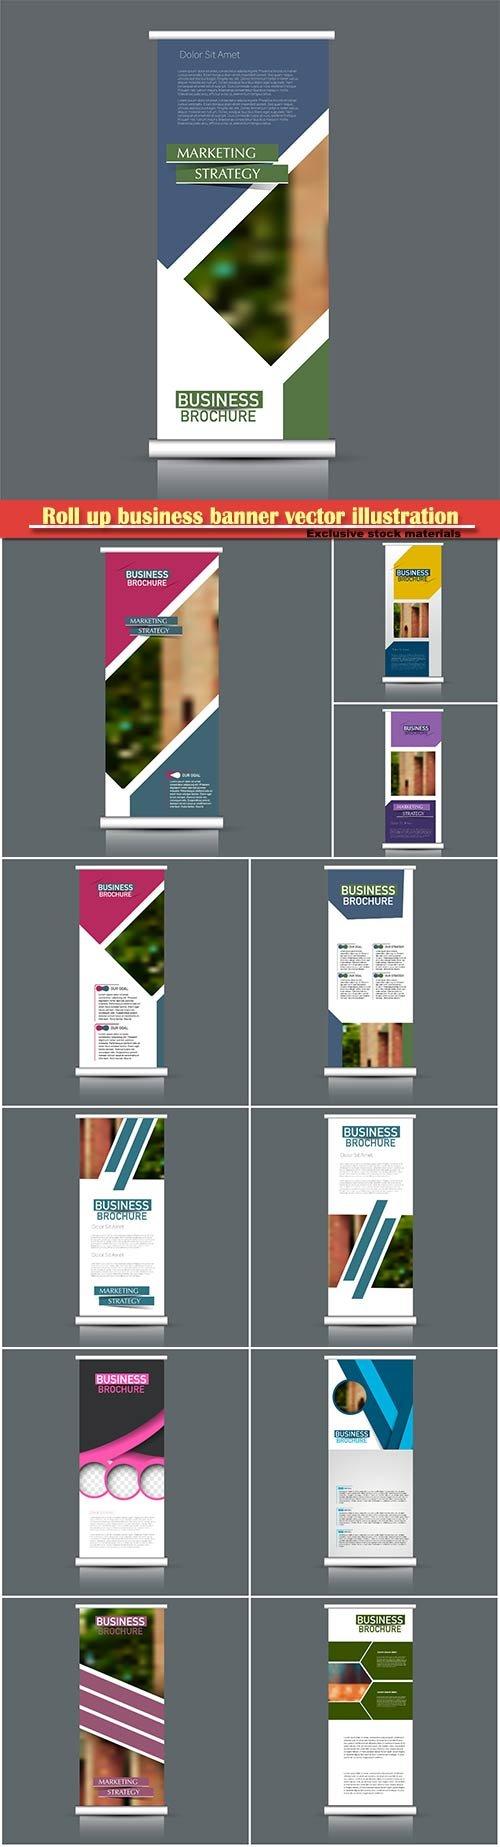 Roll up business banner vector design illustration